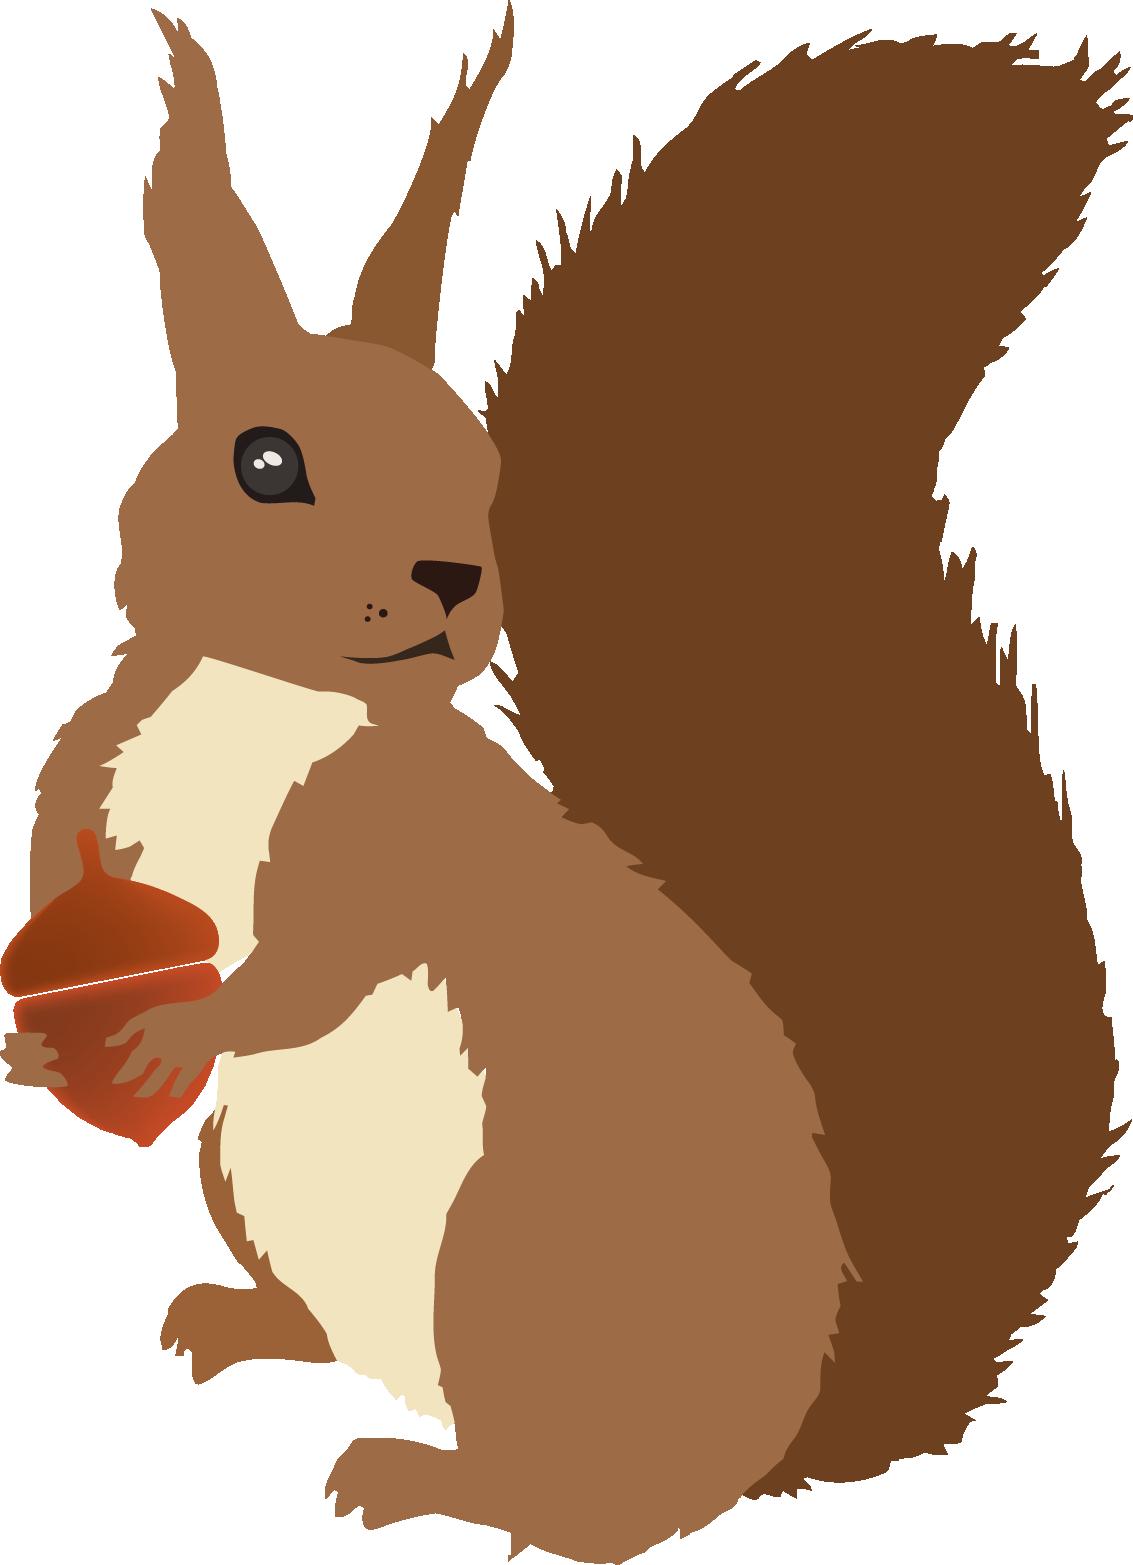 Winter clipart squirrel. Sciurusvulgaris redsquirrel vector trabajos